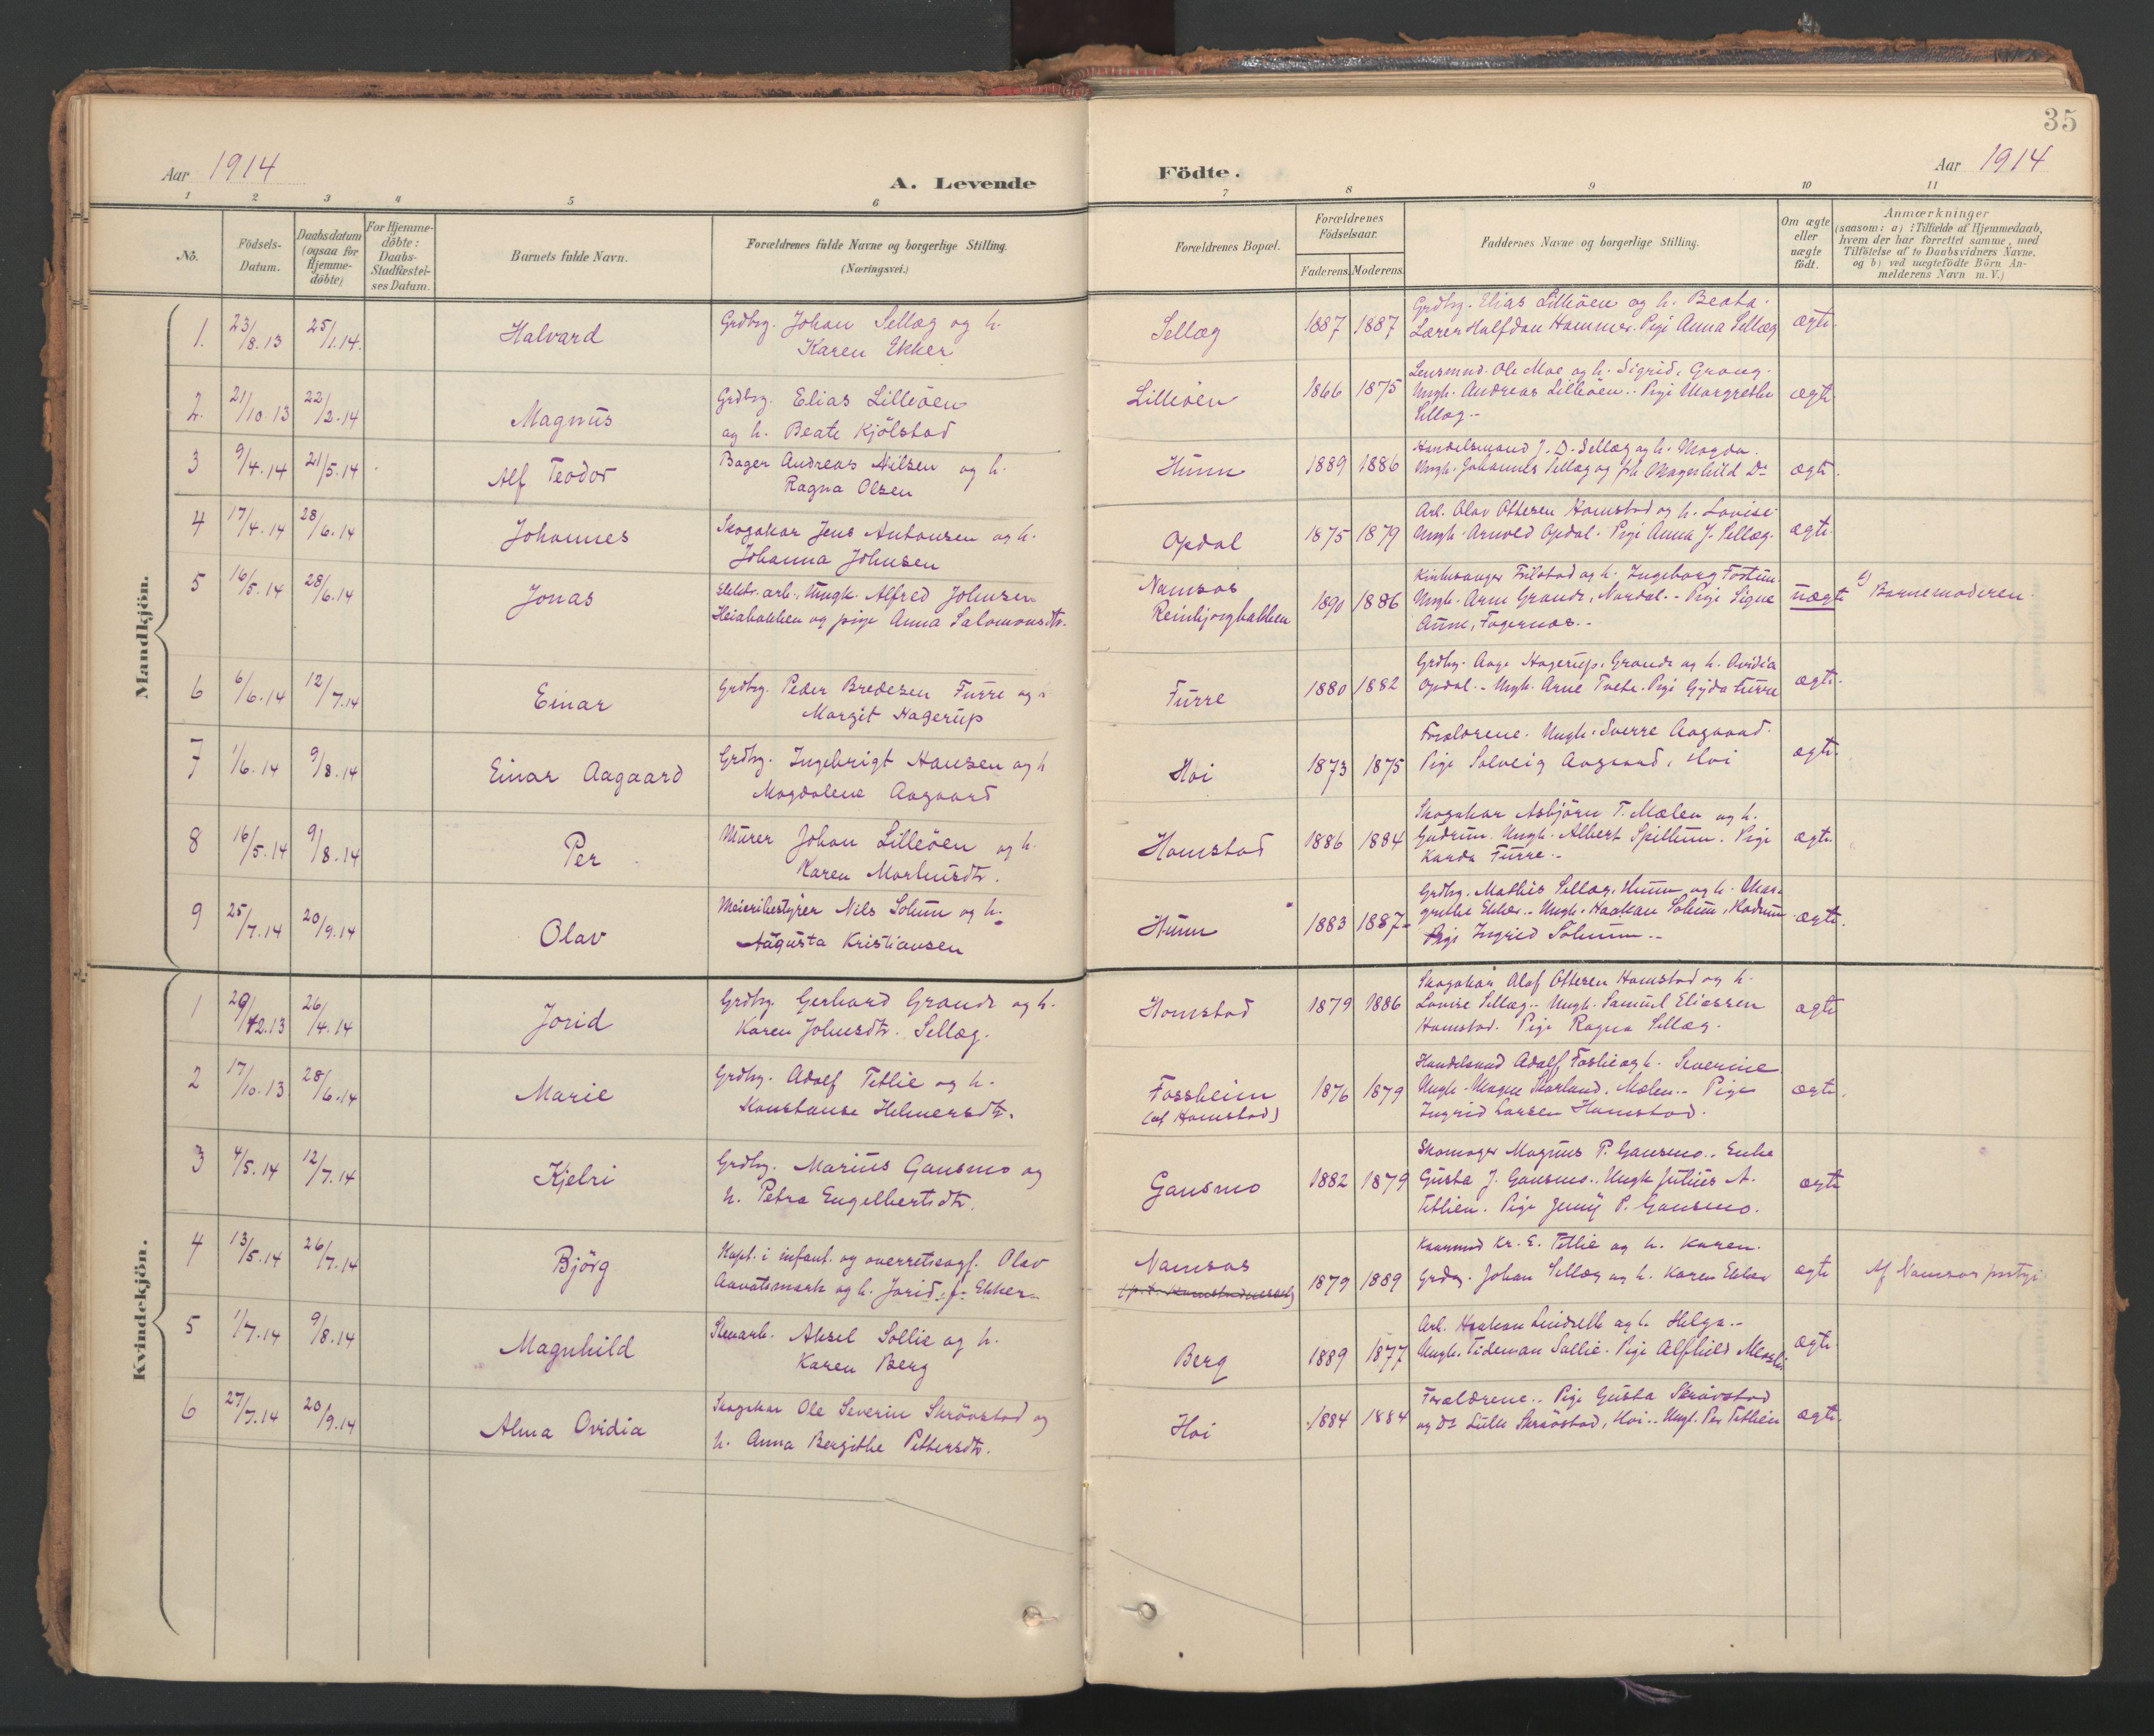 SAT, Ministerialprotokoller, klokkerbøker og fødselsregistre - Nord-Trøndelag, 766/L0564: Ministerialbok nr. 767A02, 1900-1932, s. 35